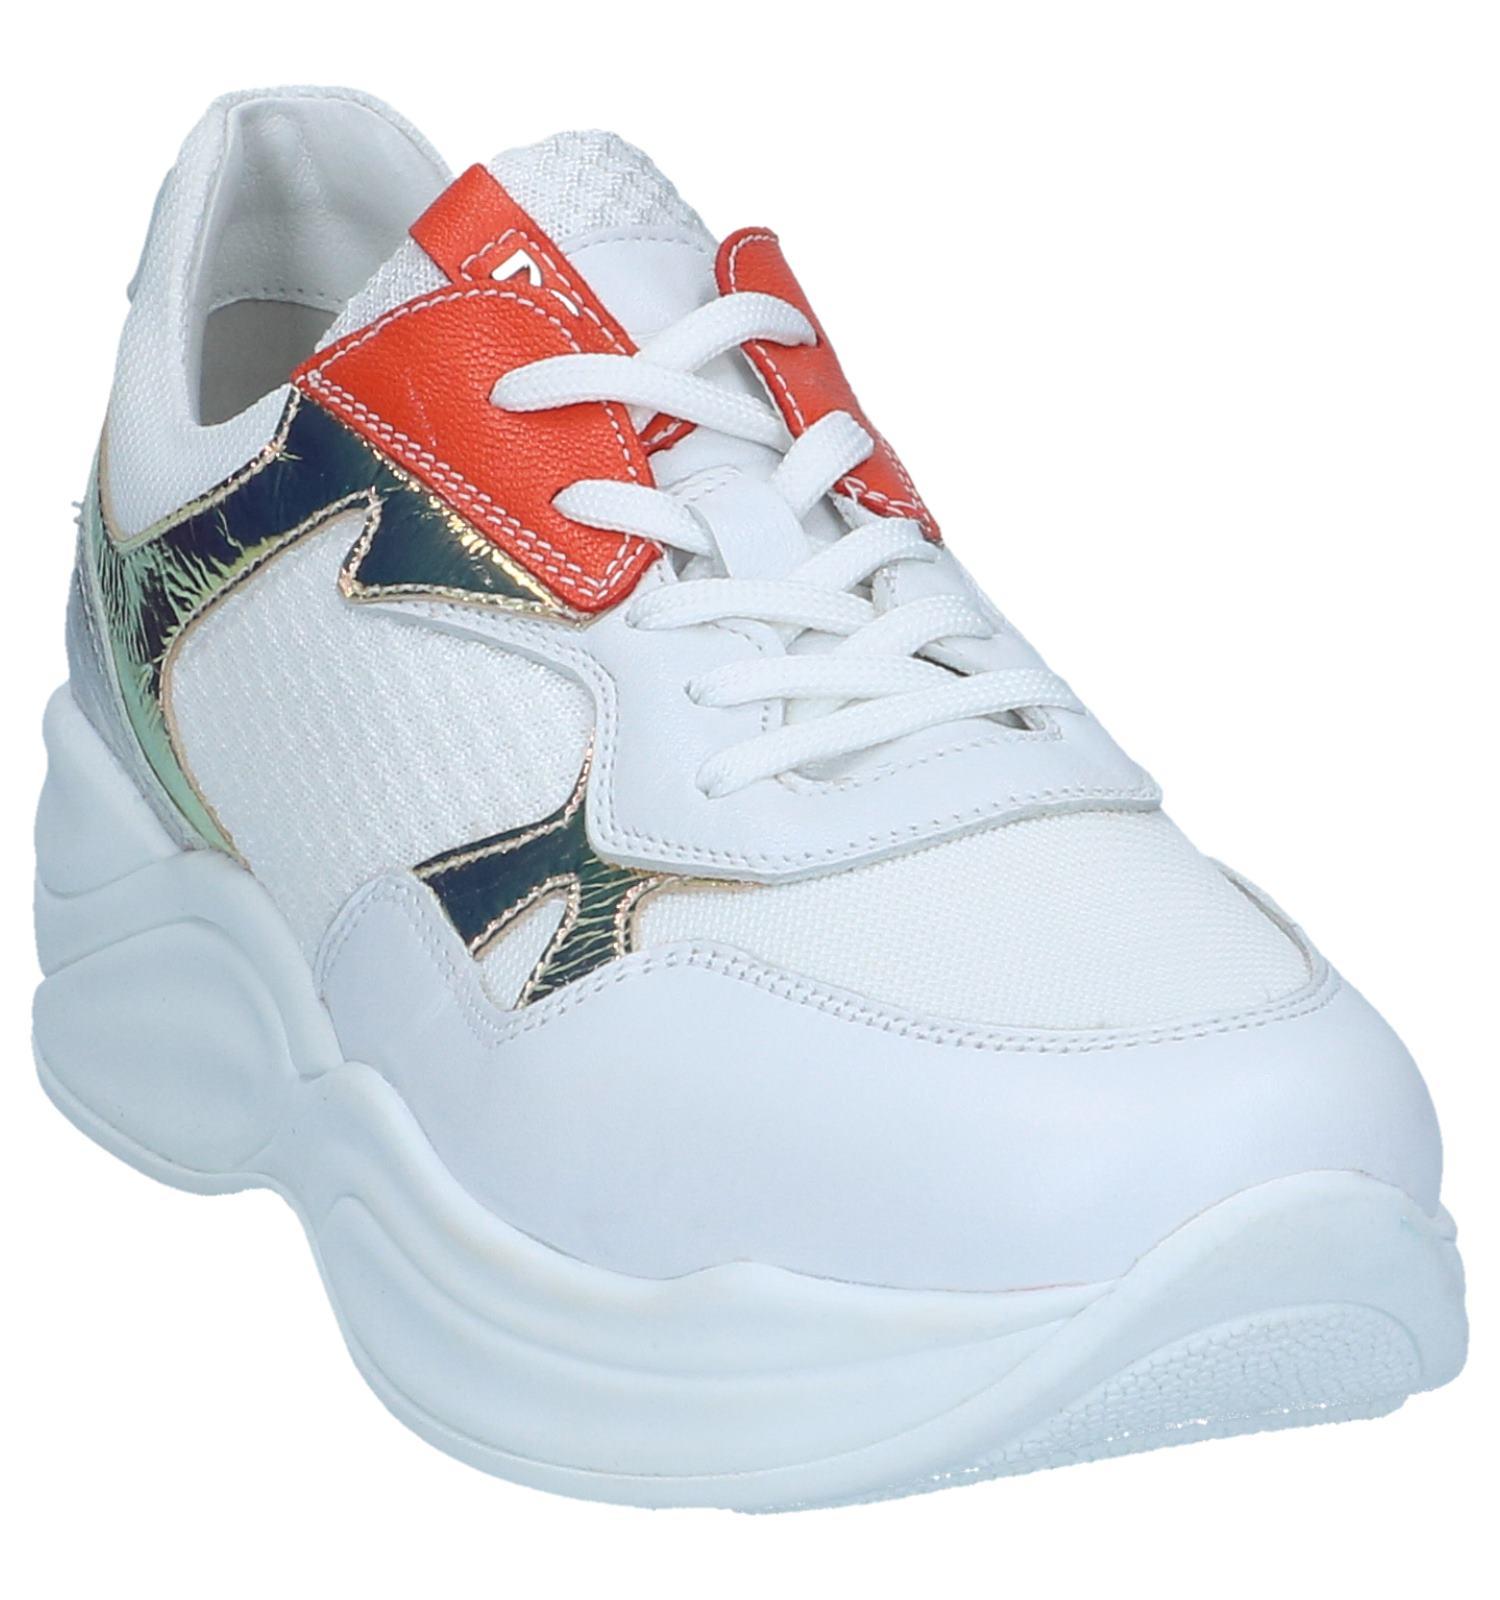 Nerogiardini Witte Sneakers Sneakers Sneakers Witte Nerogiardini Nerogiardini Witte Witte Nerogiardini Sneakers Witte htCxsrQdBo